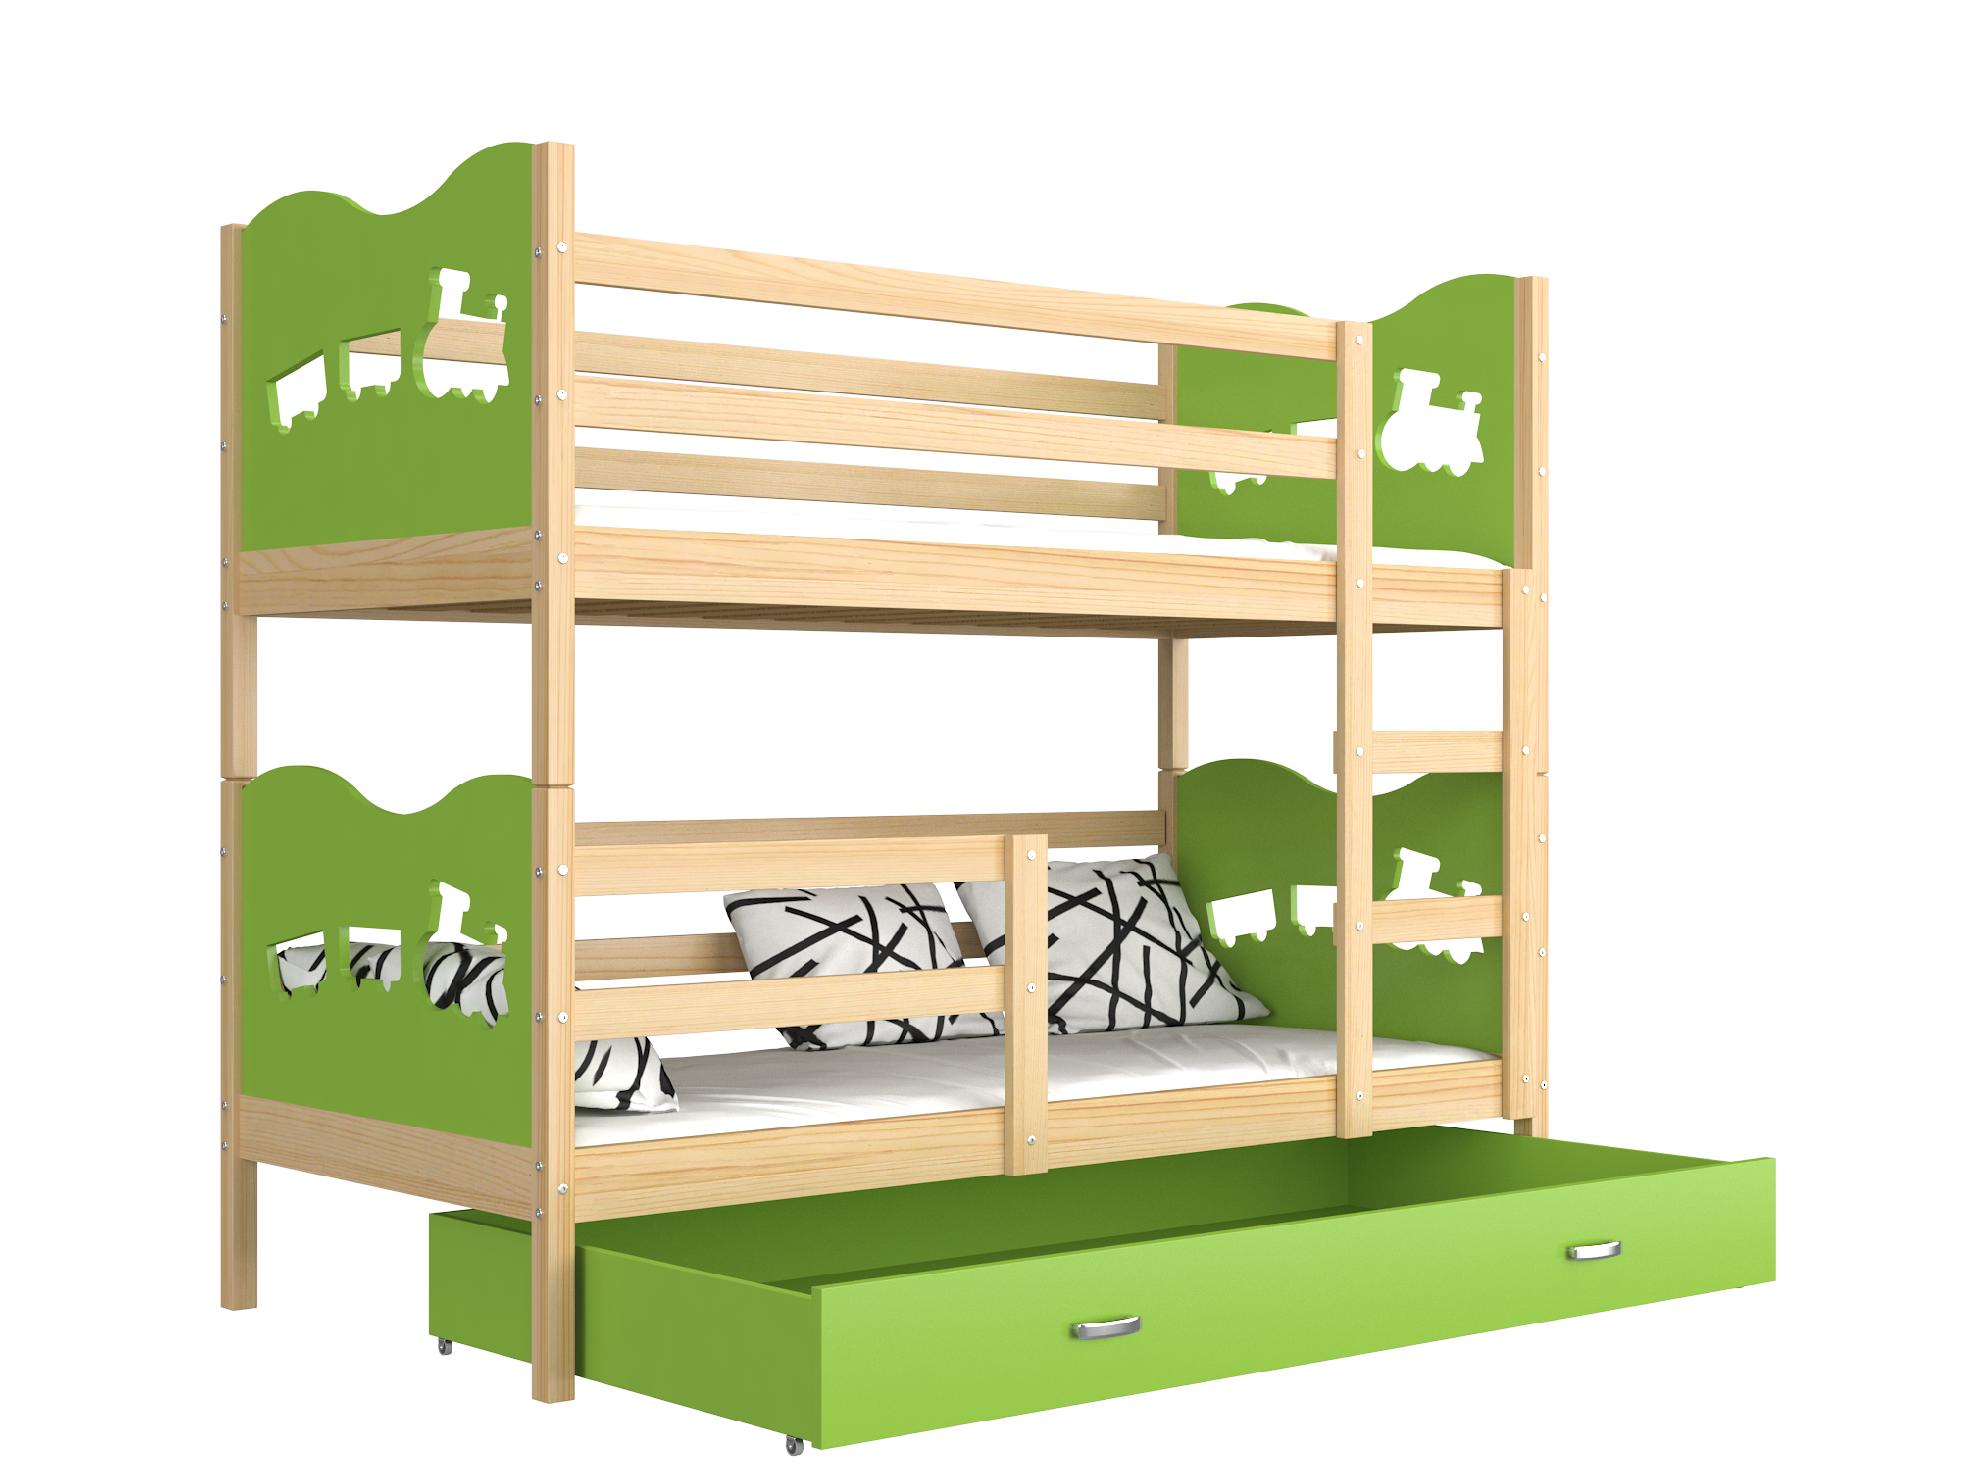 ArtAJ Detská poschodová posteľ MAX drevo / MDF 190 x 80 cm Farba: Borovica / zelená 190 x 80 cm, s matracom